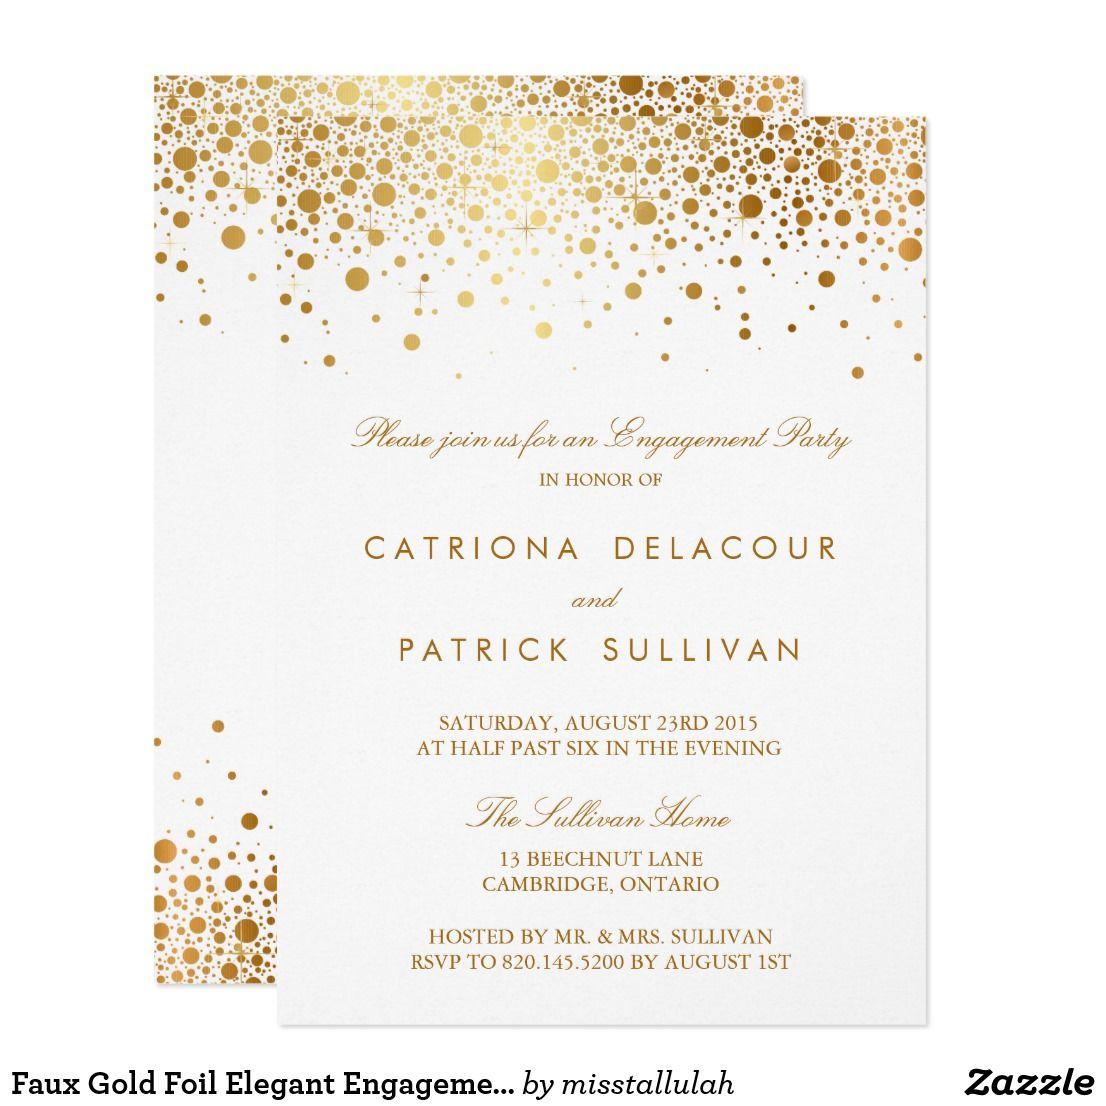 Faux Gold Foil Elegant Engagement Party Invitation – Elegant Engagement Party Invitations